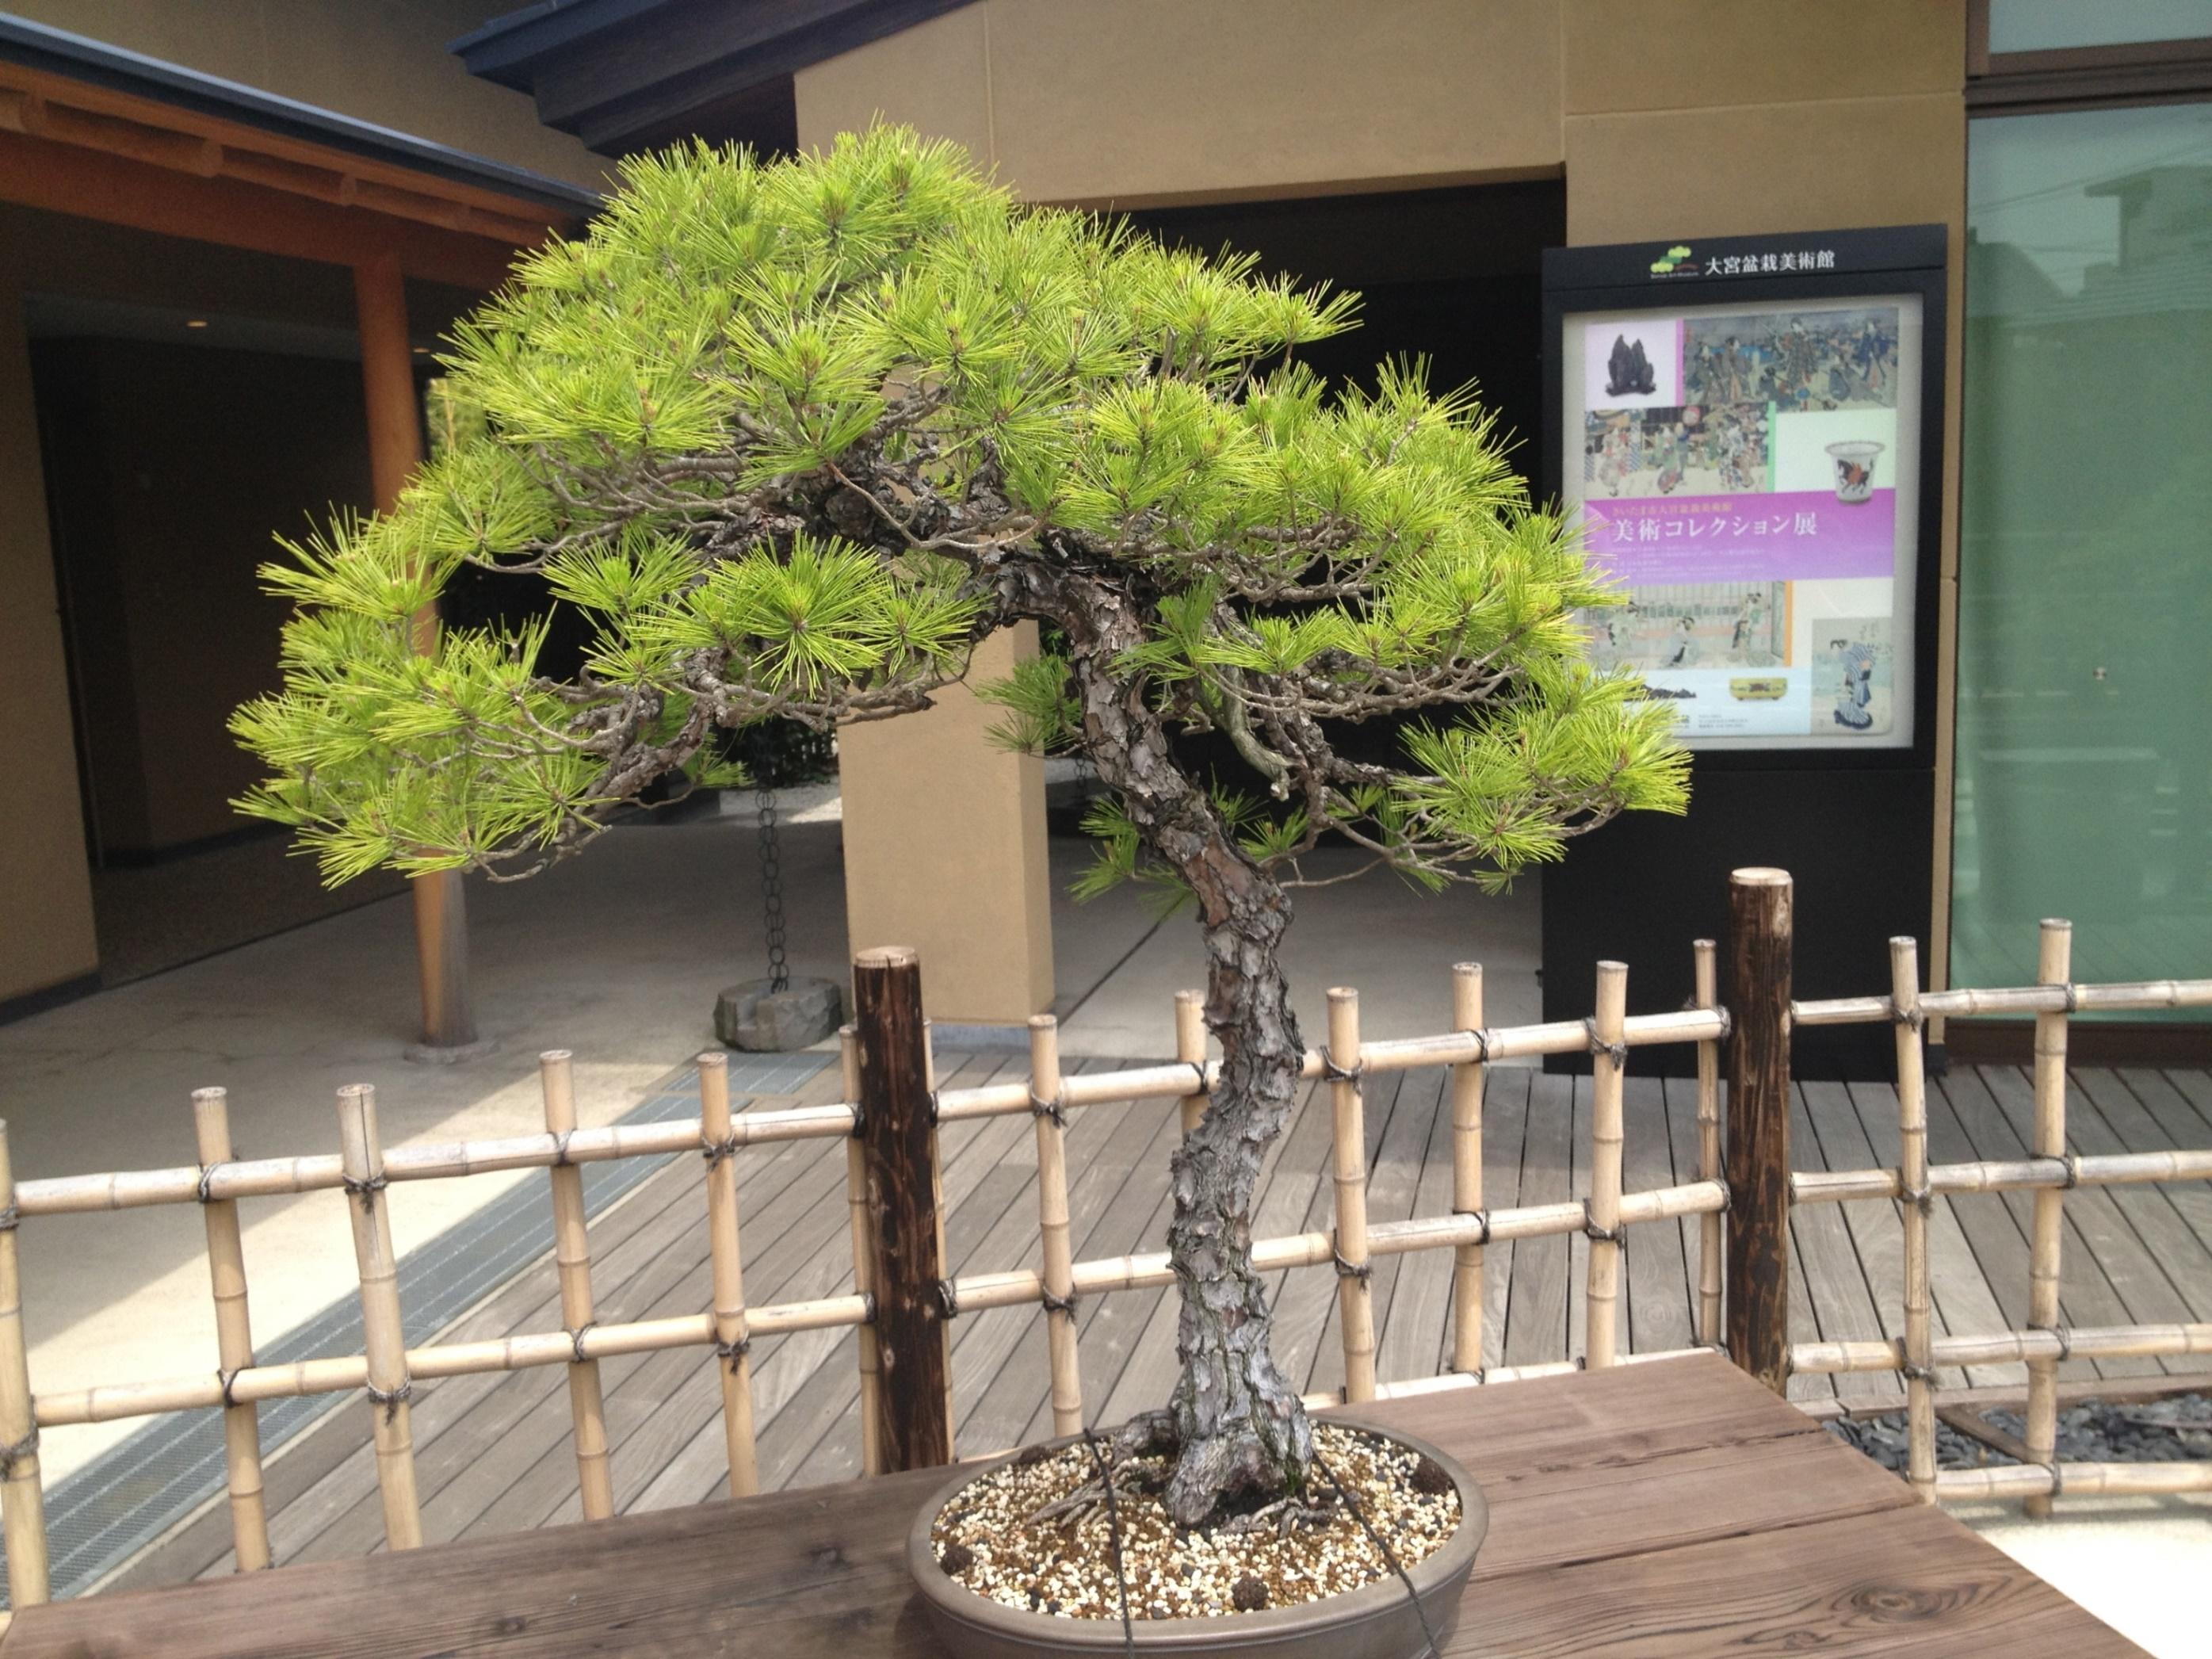 รั้วเตี้ย ๆ น่ารักทำจากไม้ไผ่สไตล์ญี่ปุ่น